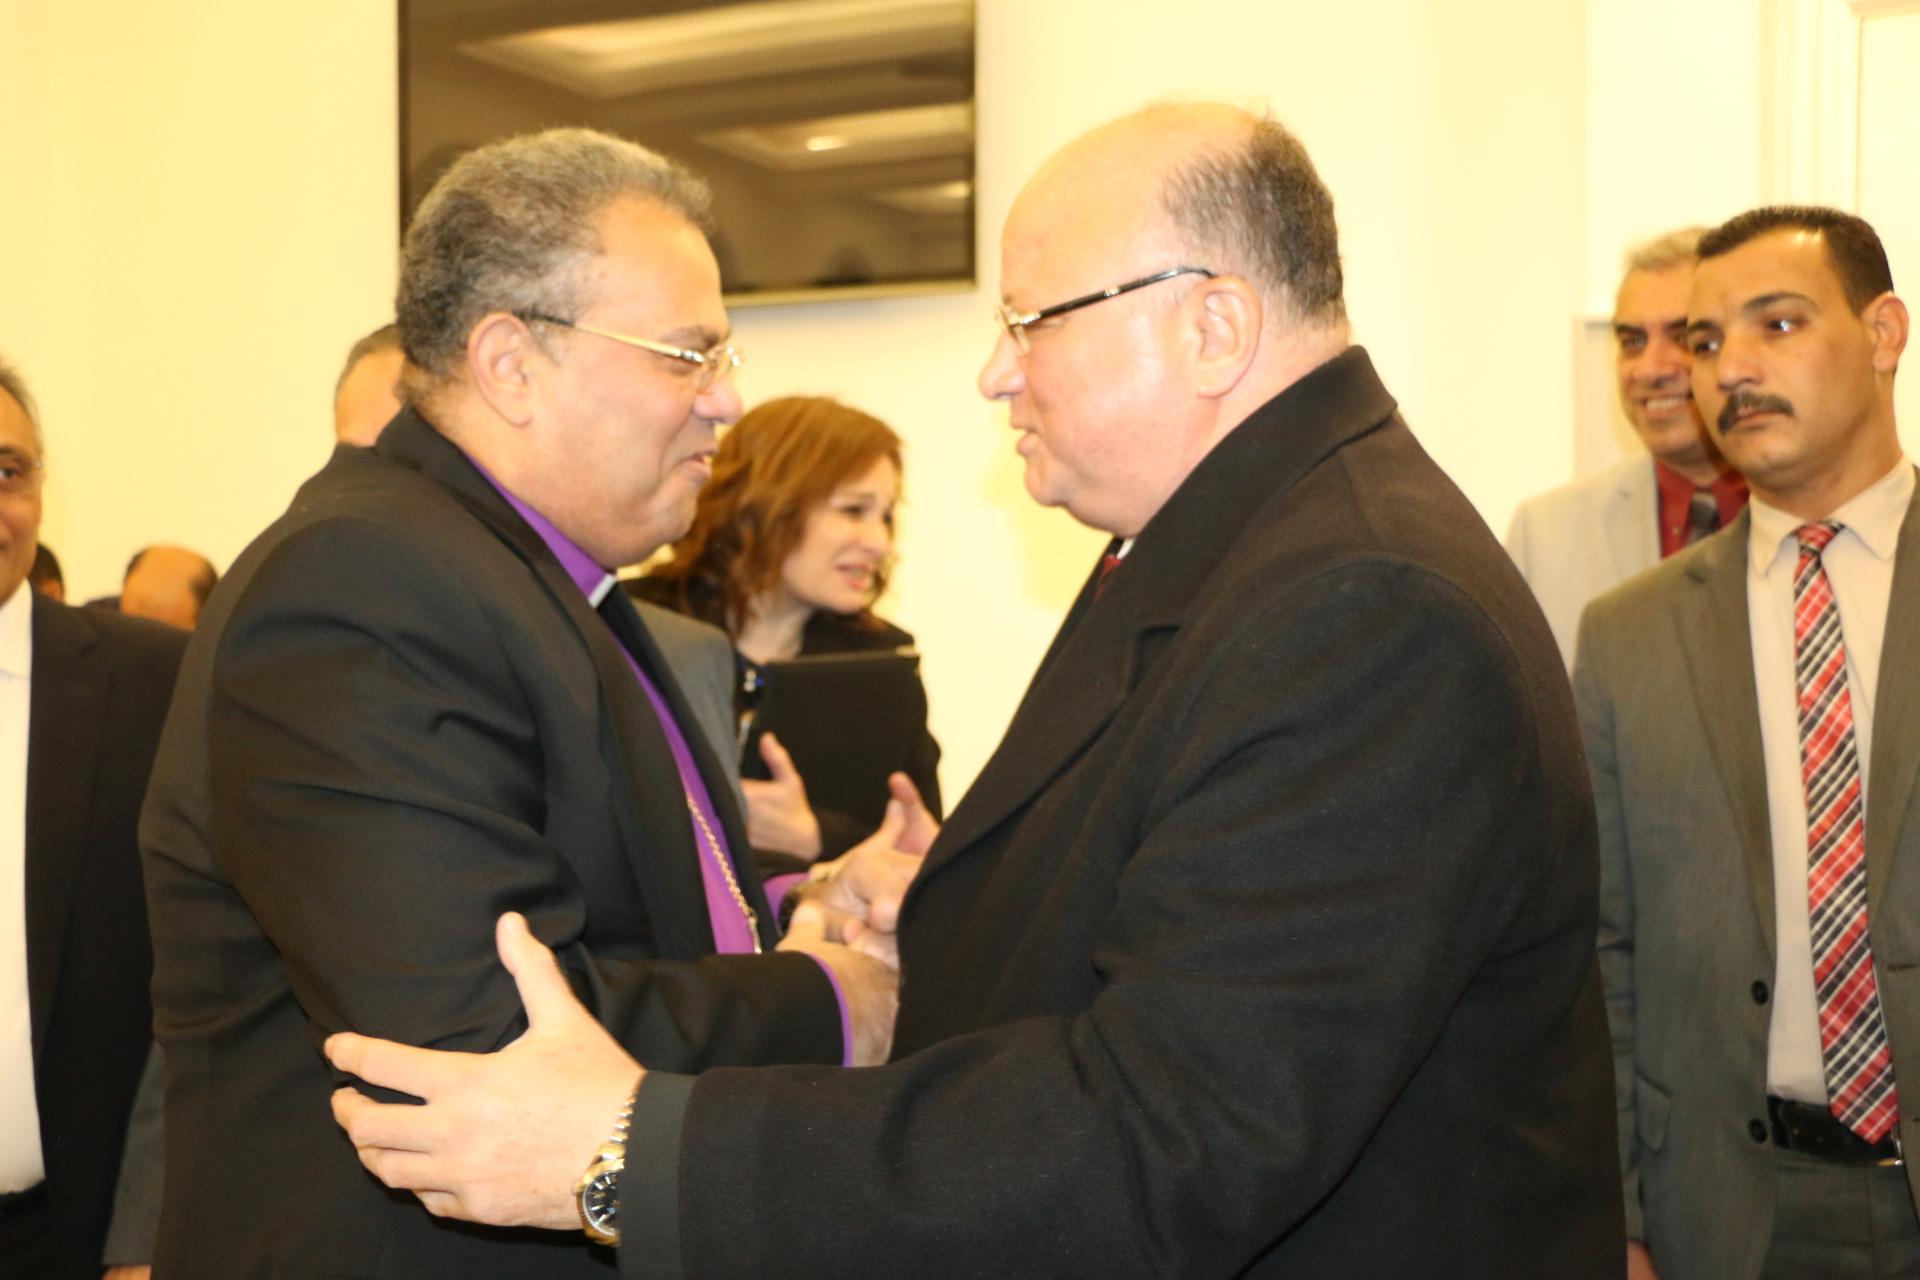 محافظ القاهرة يشارك الأرمن الأرثوذكس والطائفة الإنجيلية احتفالات عيد الميلاد المجيد  (1)